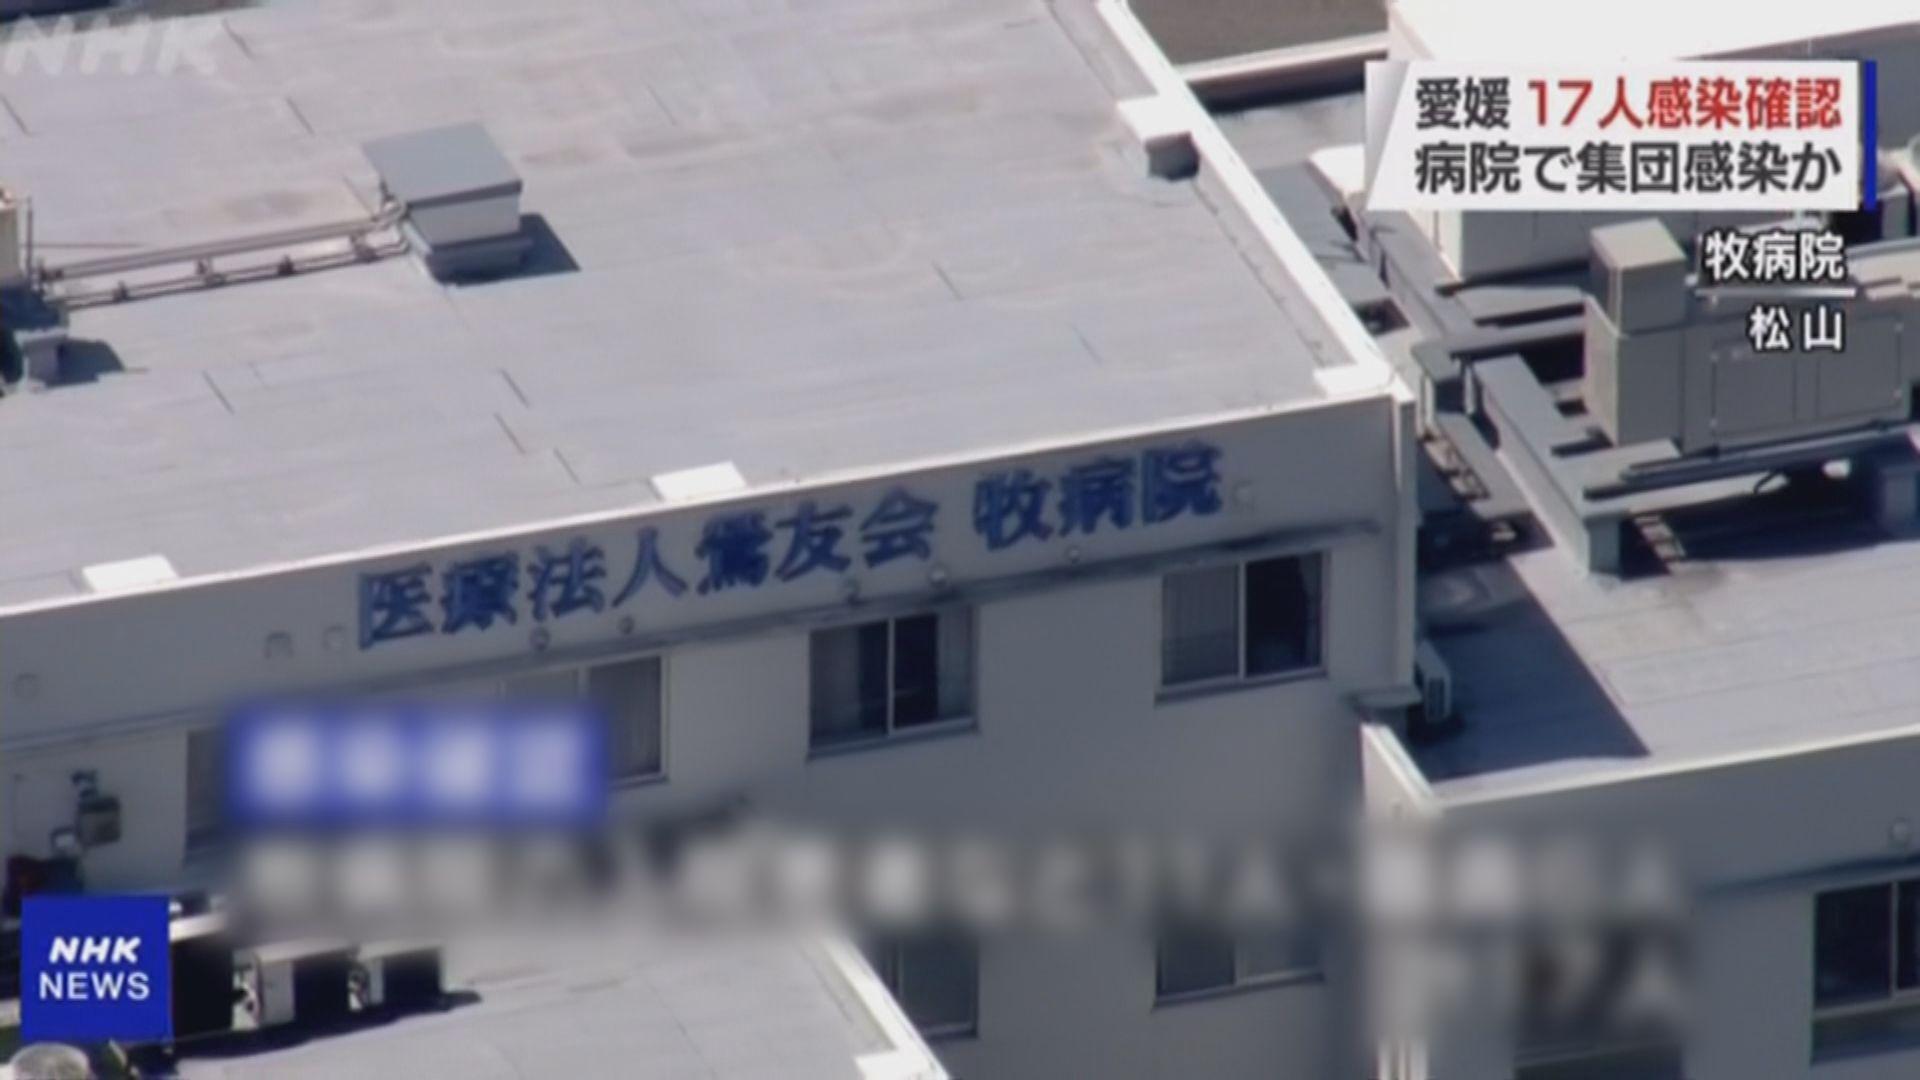 日本愛媛縣醫院爆集體感染但獲有條件解禁